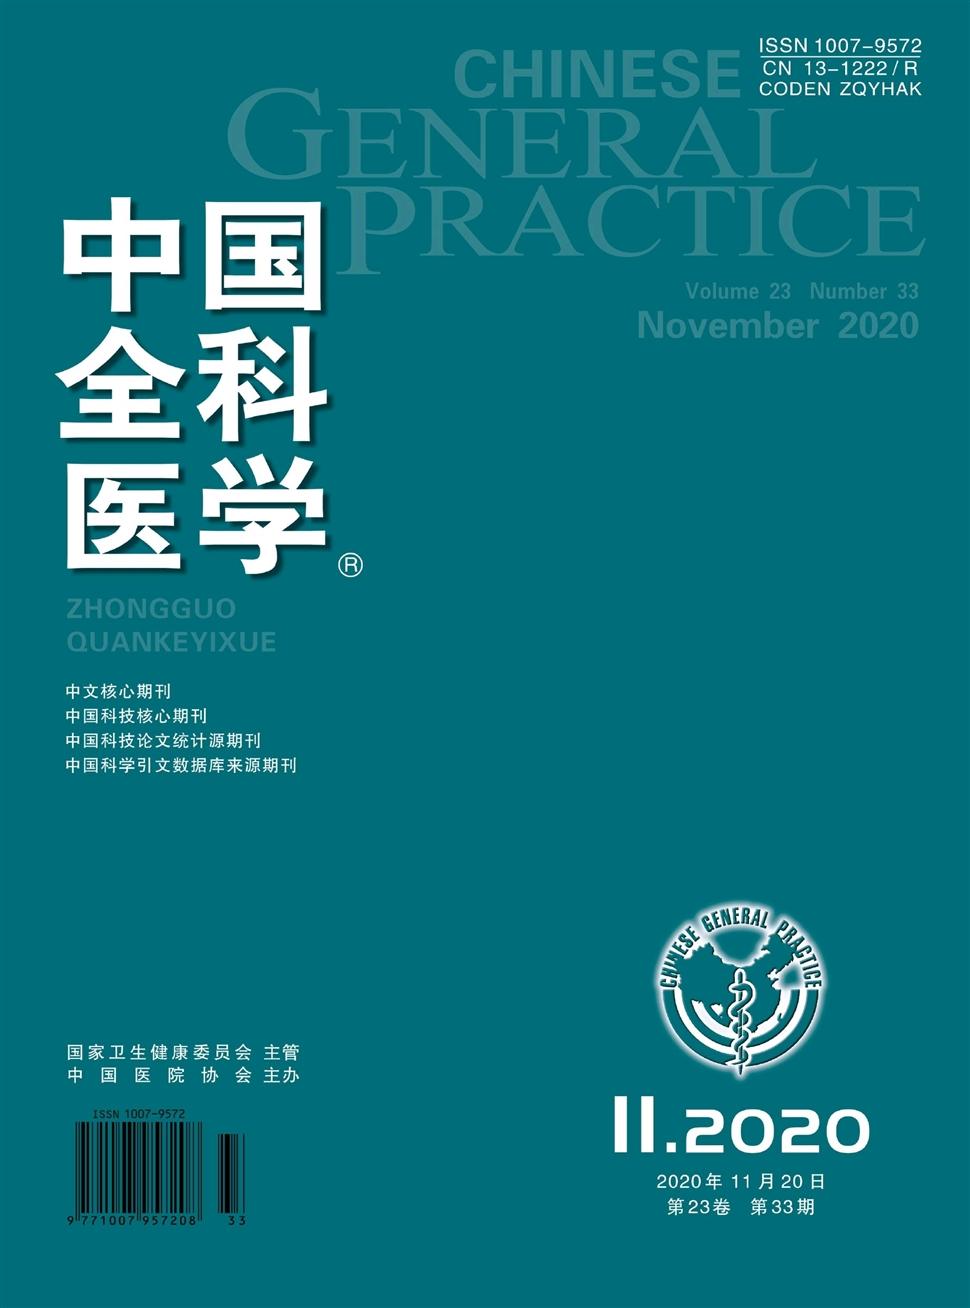 《中国全科医学》